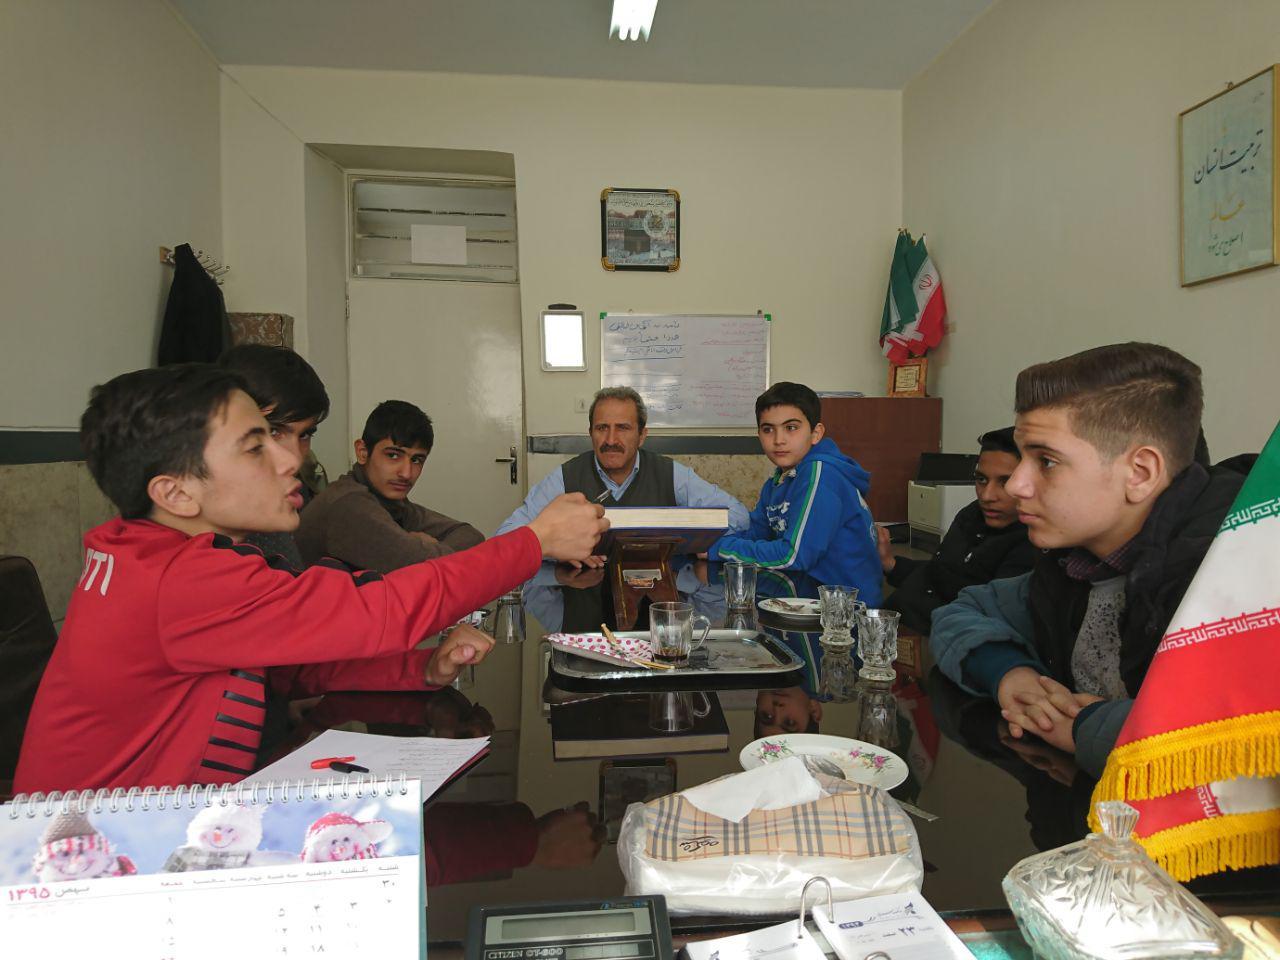 جلسه ی شهردار مدرسه و معاونین ایشان با حضور معاونت محترم دبرستان برگزار شد.